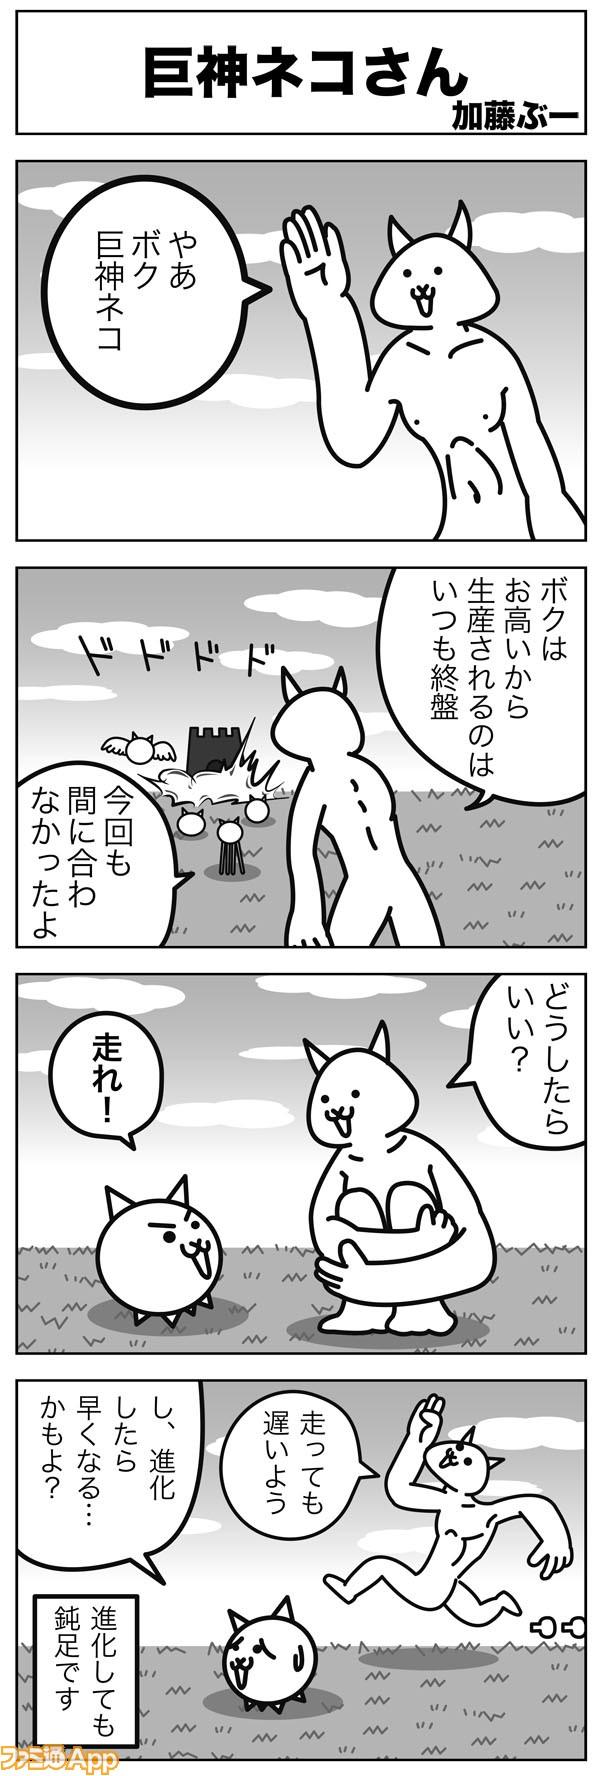 04kato-065